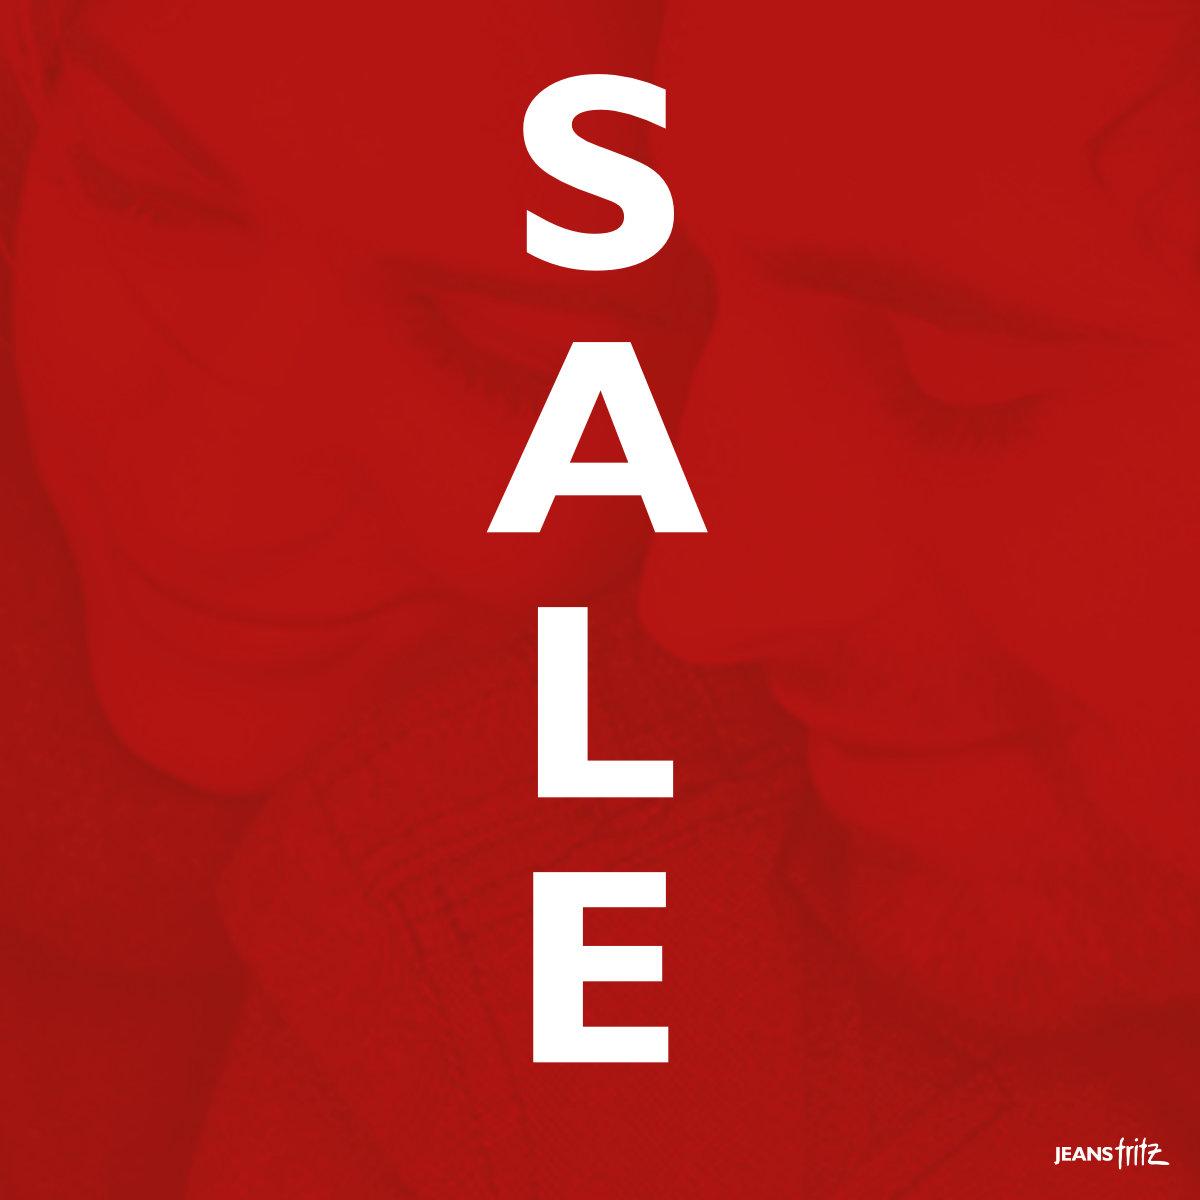 SALE bei Jeans Fritz jetzt im Online-Shop